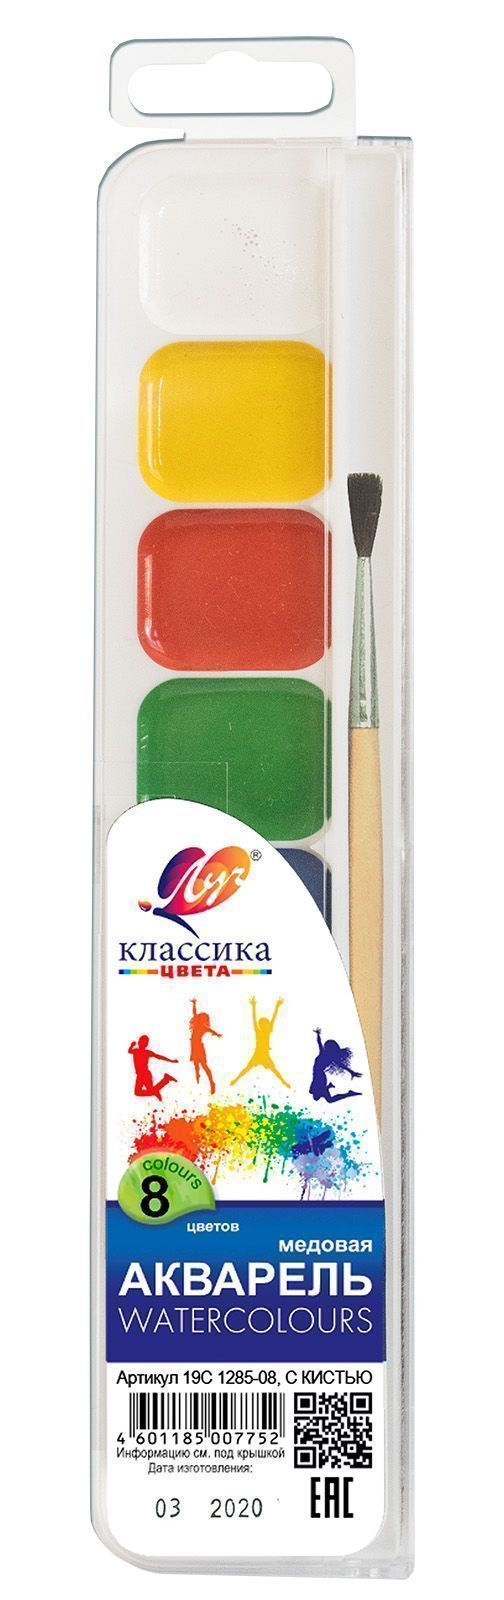 Акварель ЛУЧ КЛАССИКА 8 цветов, пластиковая упаковка, с кистью, европодвес